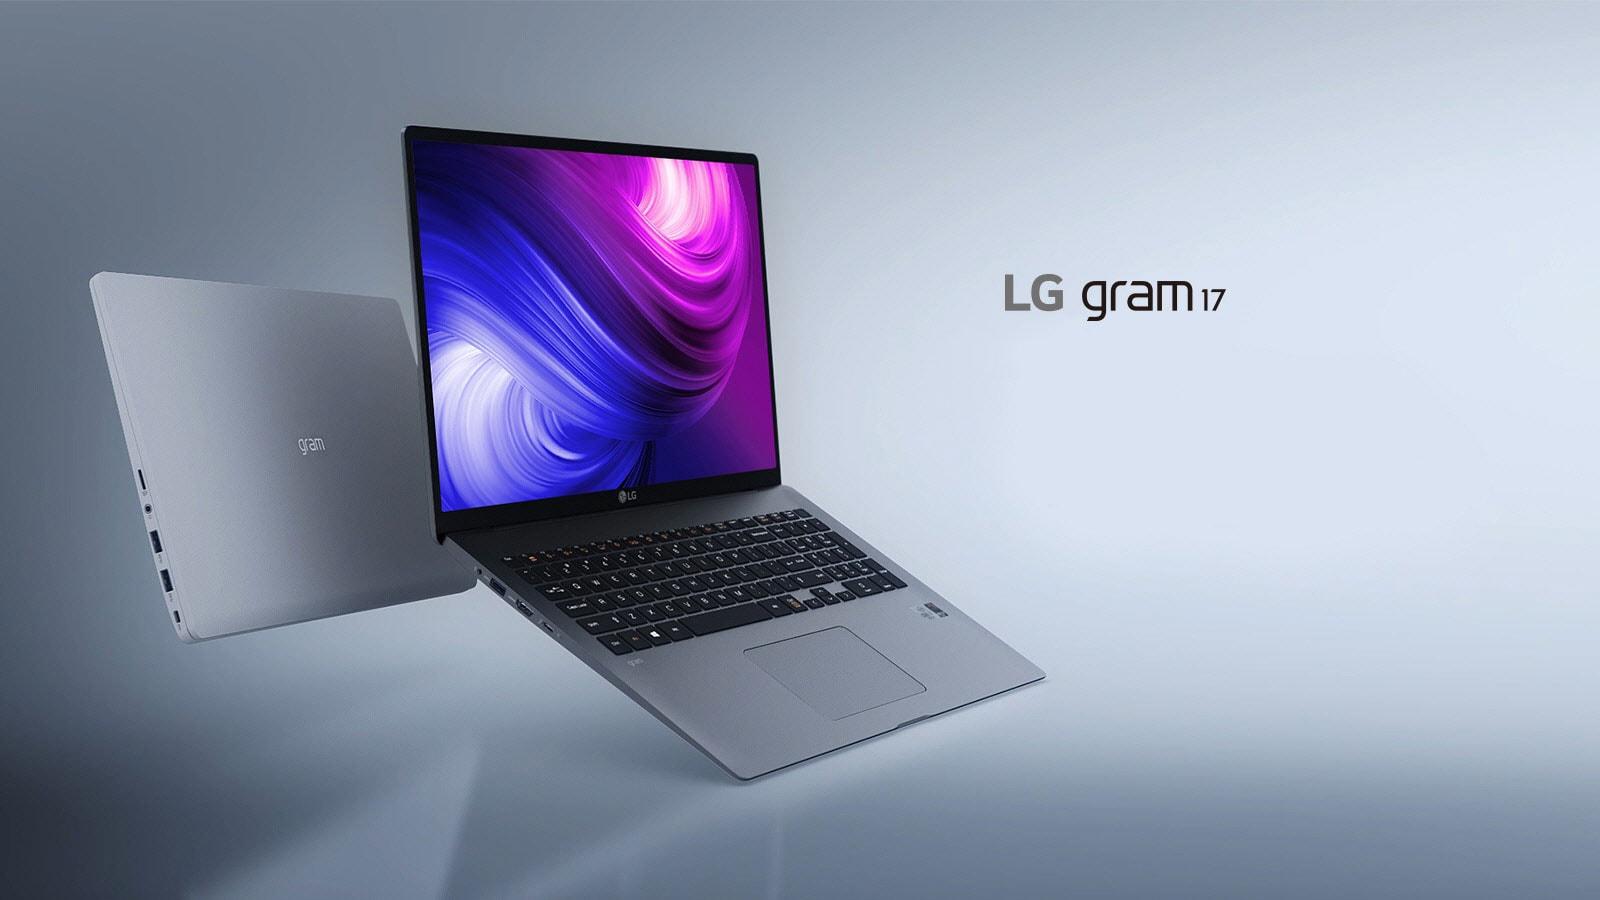 17Z90N-V_Laptops_01-LG-gram-17-D_v100